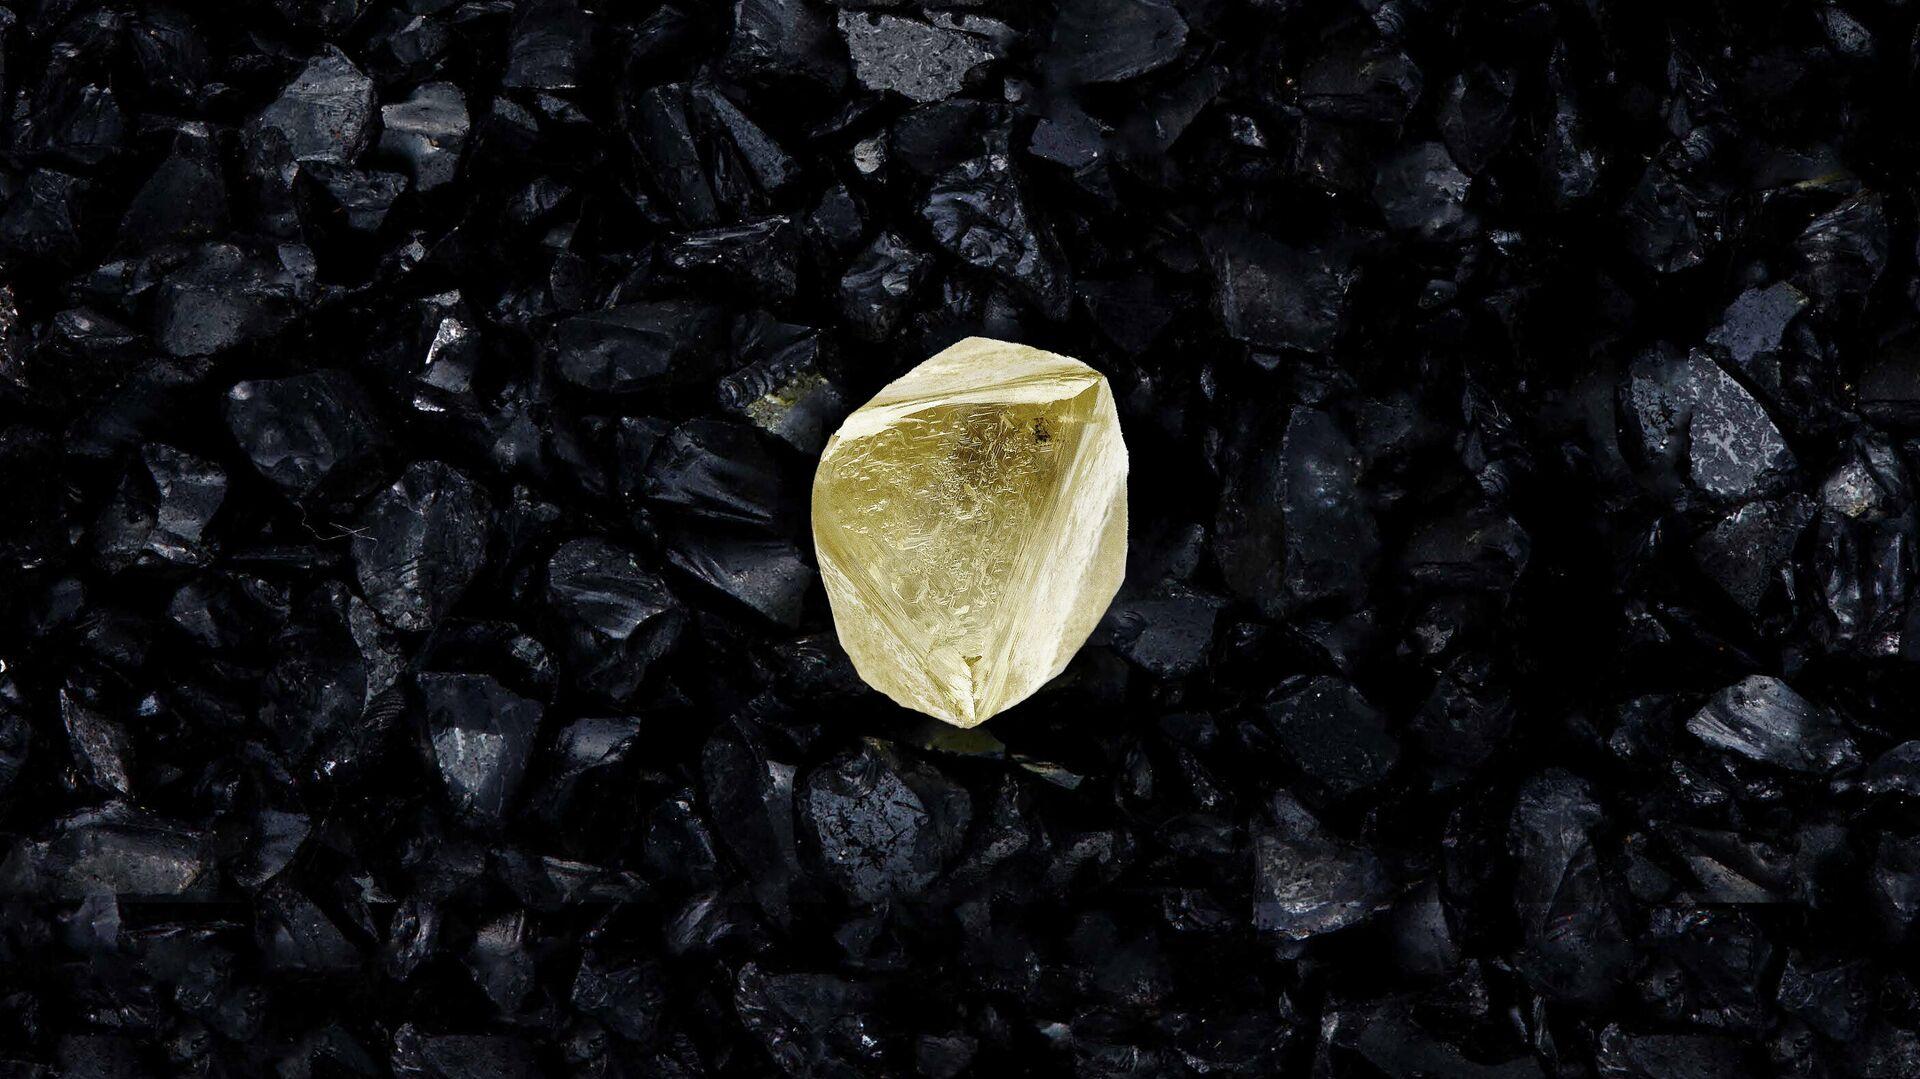 Gran diamante extraído en Yakutia que recibió el nombre en honor de la vacuna Sputnik V - Sputnik Mundo, 1920, 17.02.2021